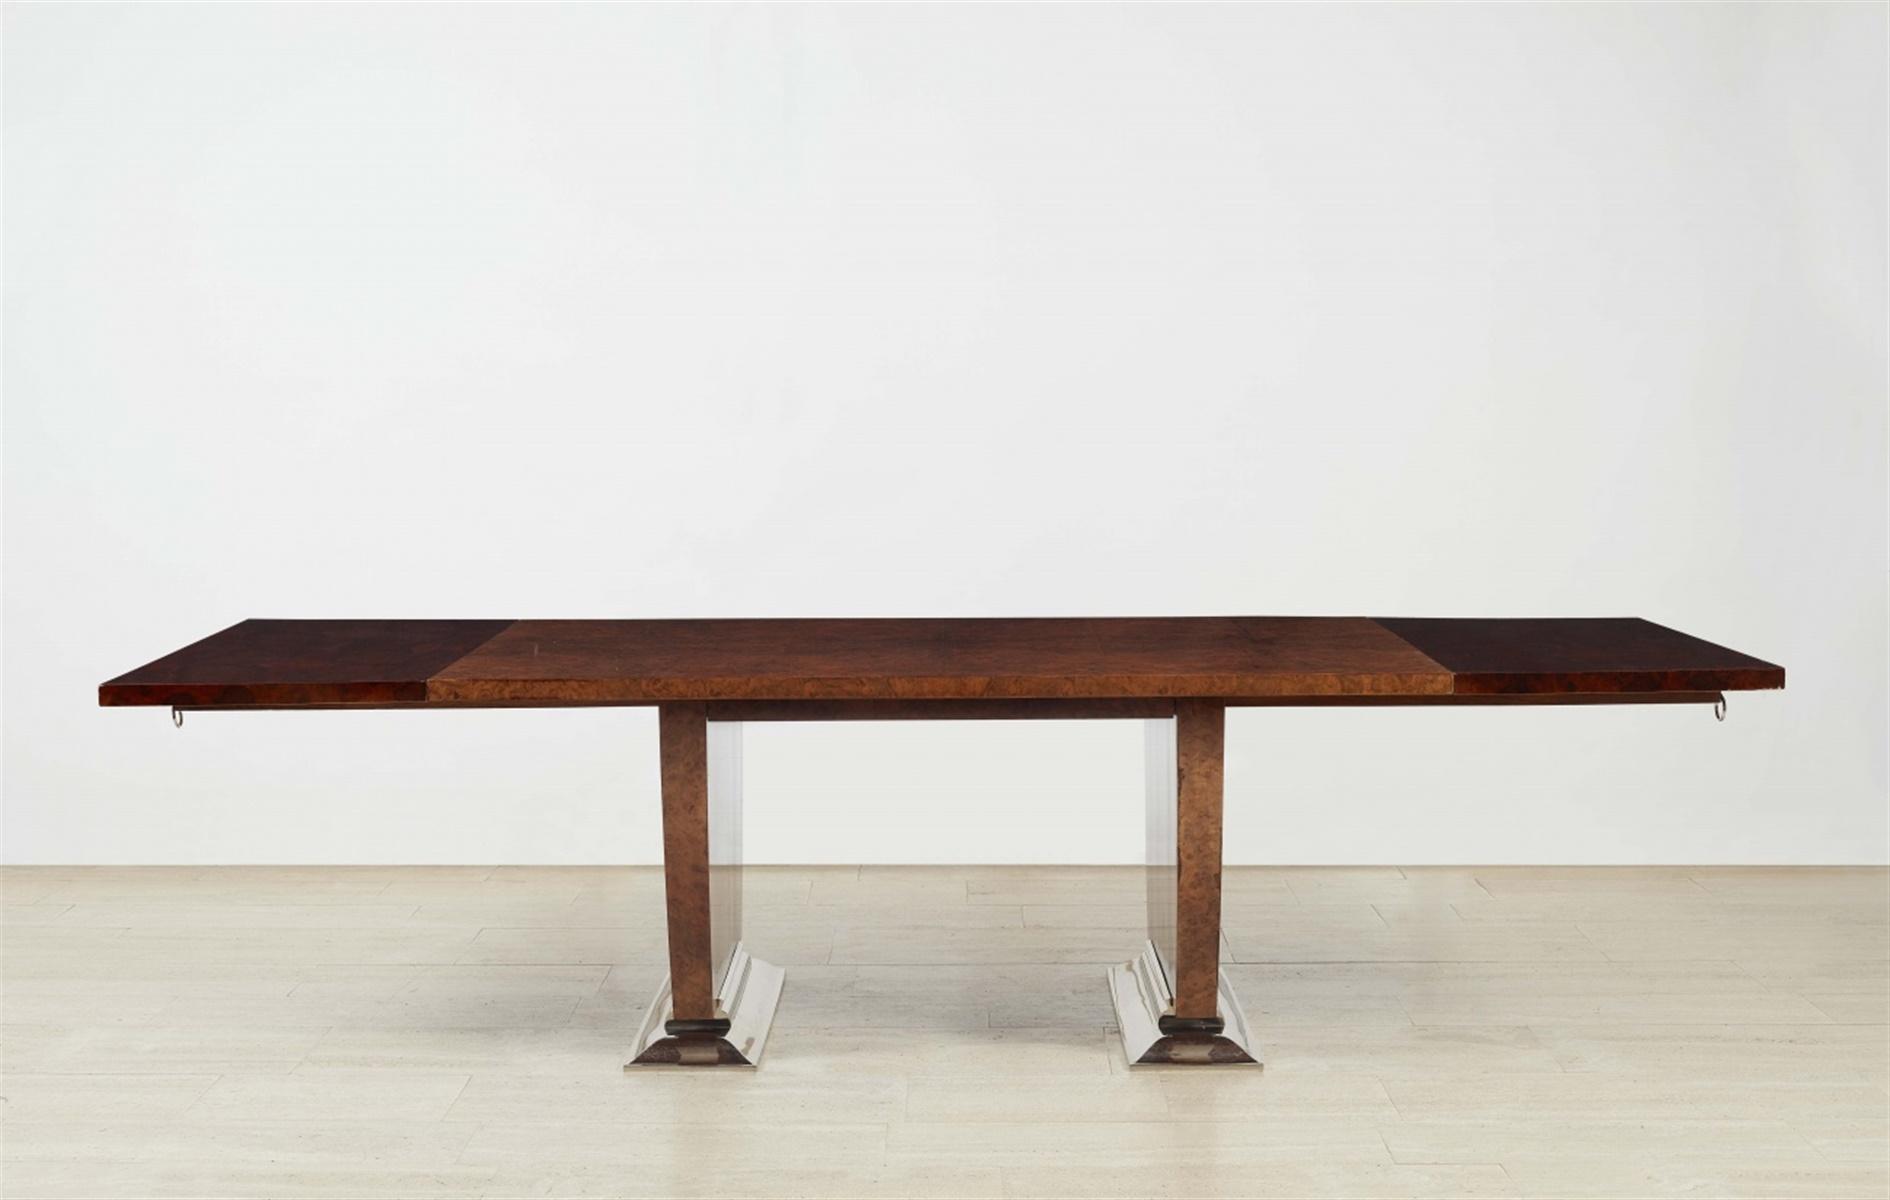 Esstisch Nr. 1219Rapportgeschnittenes Maserfurnier auf Eiche, Metallfüße. Repräsentativer Tisch - Bild 2 aus 2